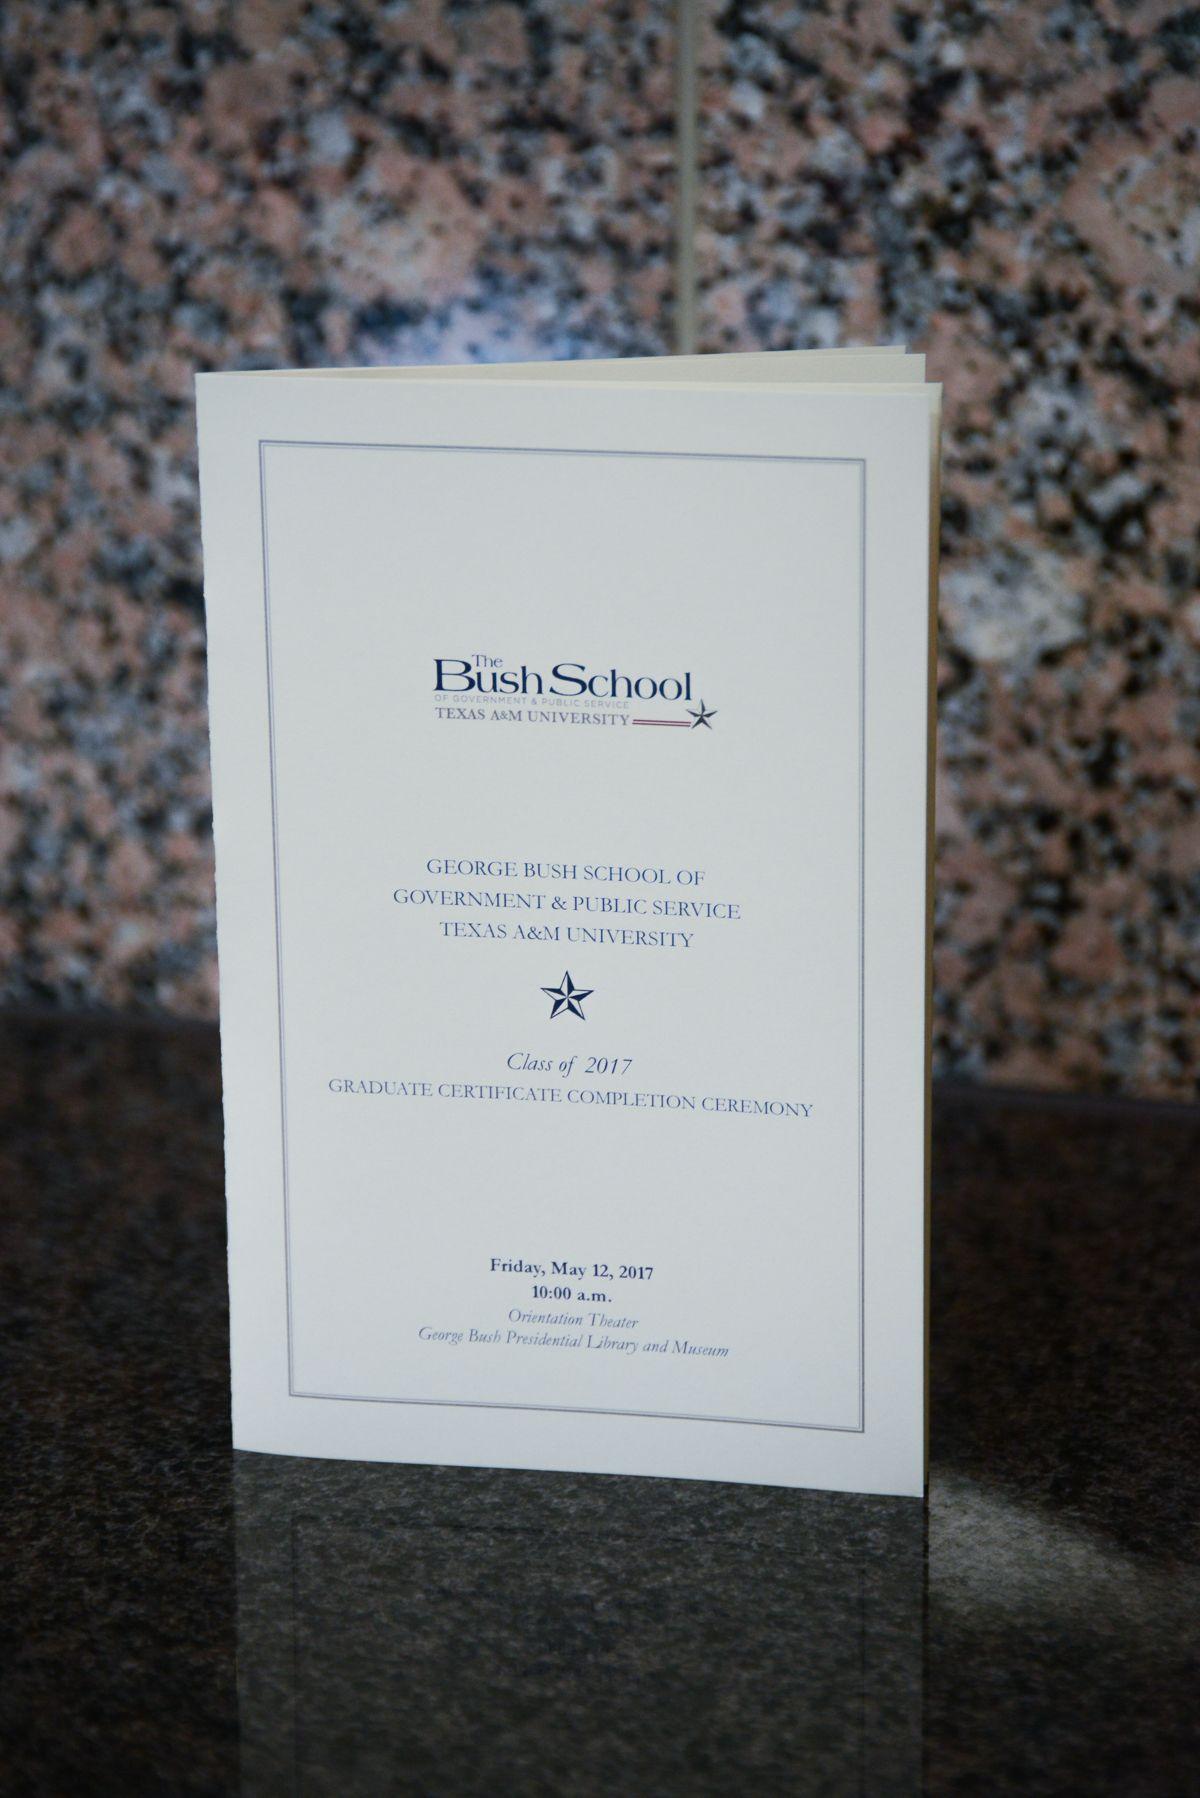 Pin By Bush School Online Graduate Certificates On Graduate